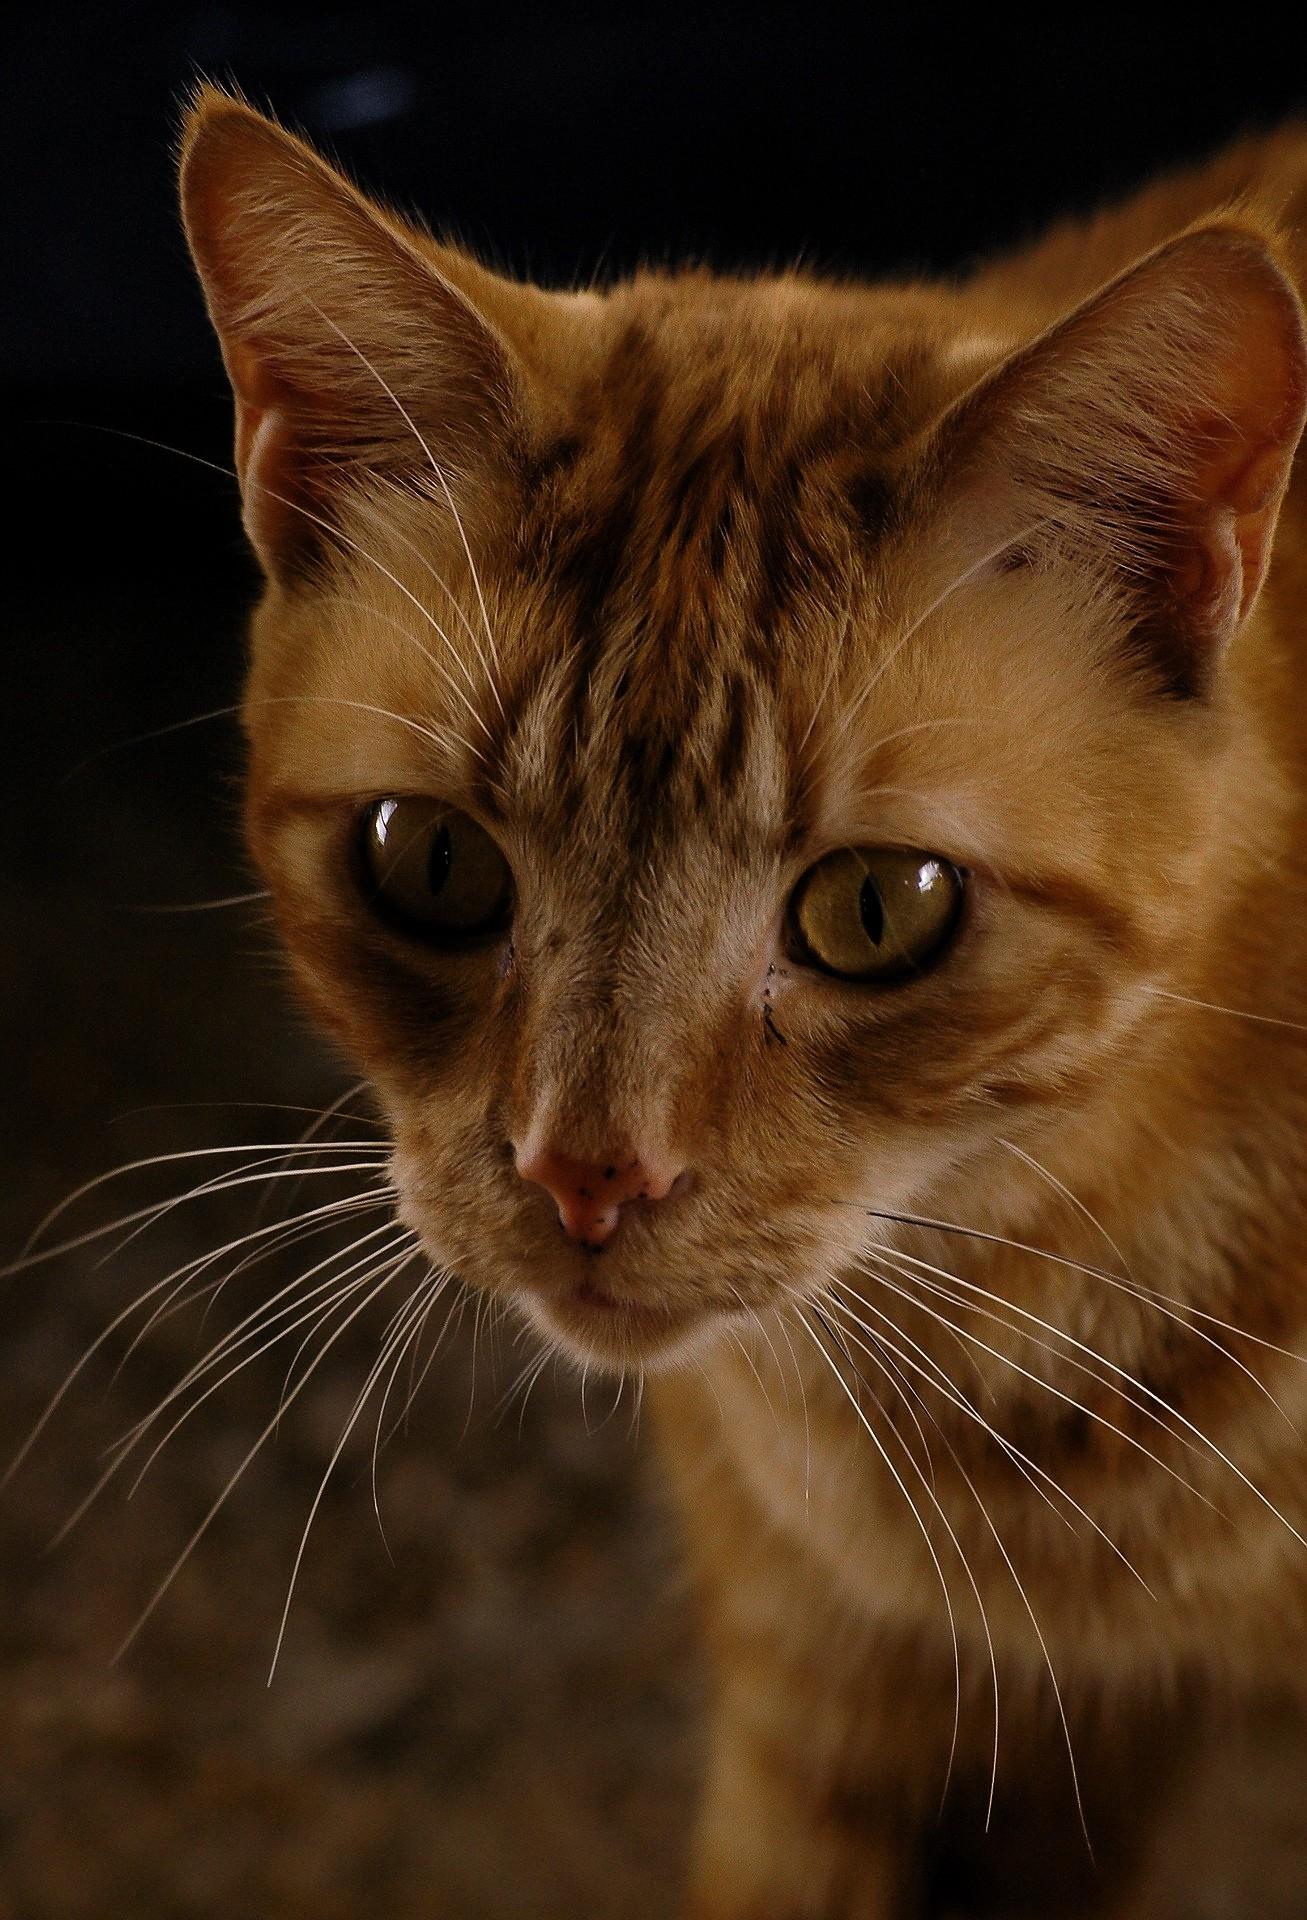 ▲貓咪,橘貓。(圖/取自免費圖庫Pixabay)